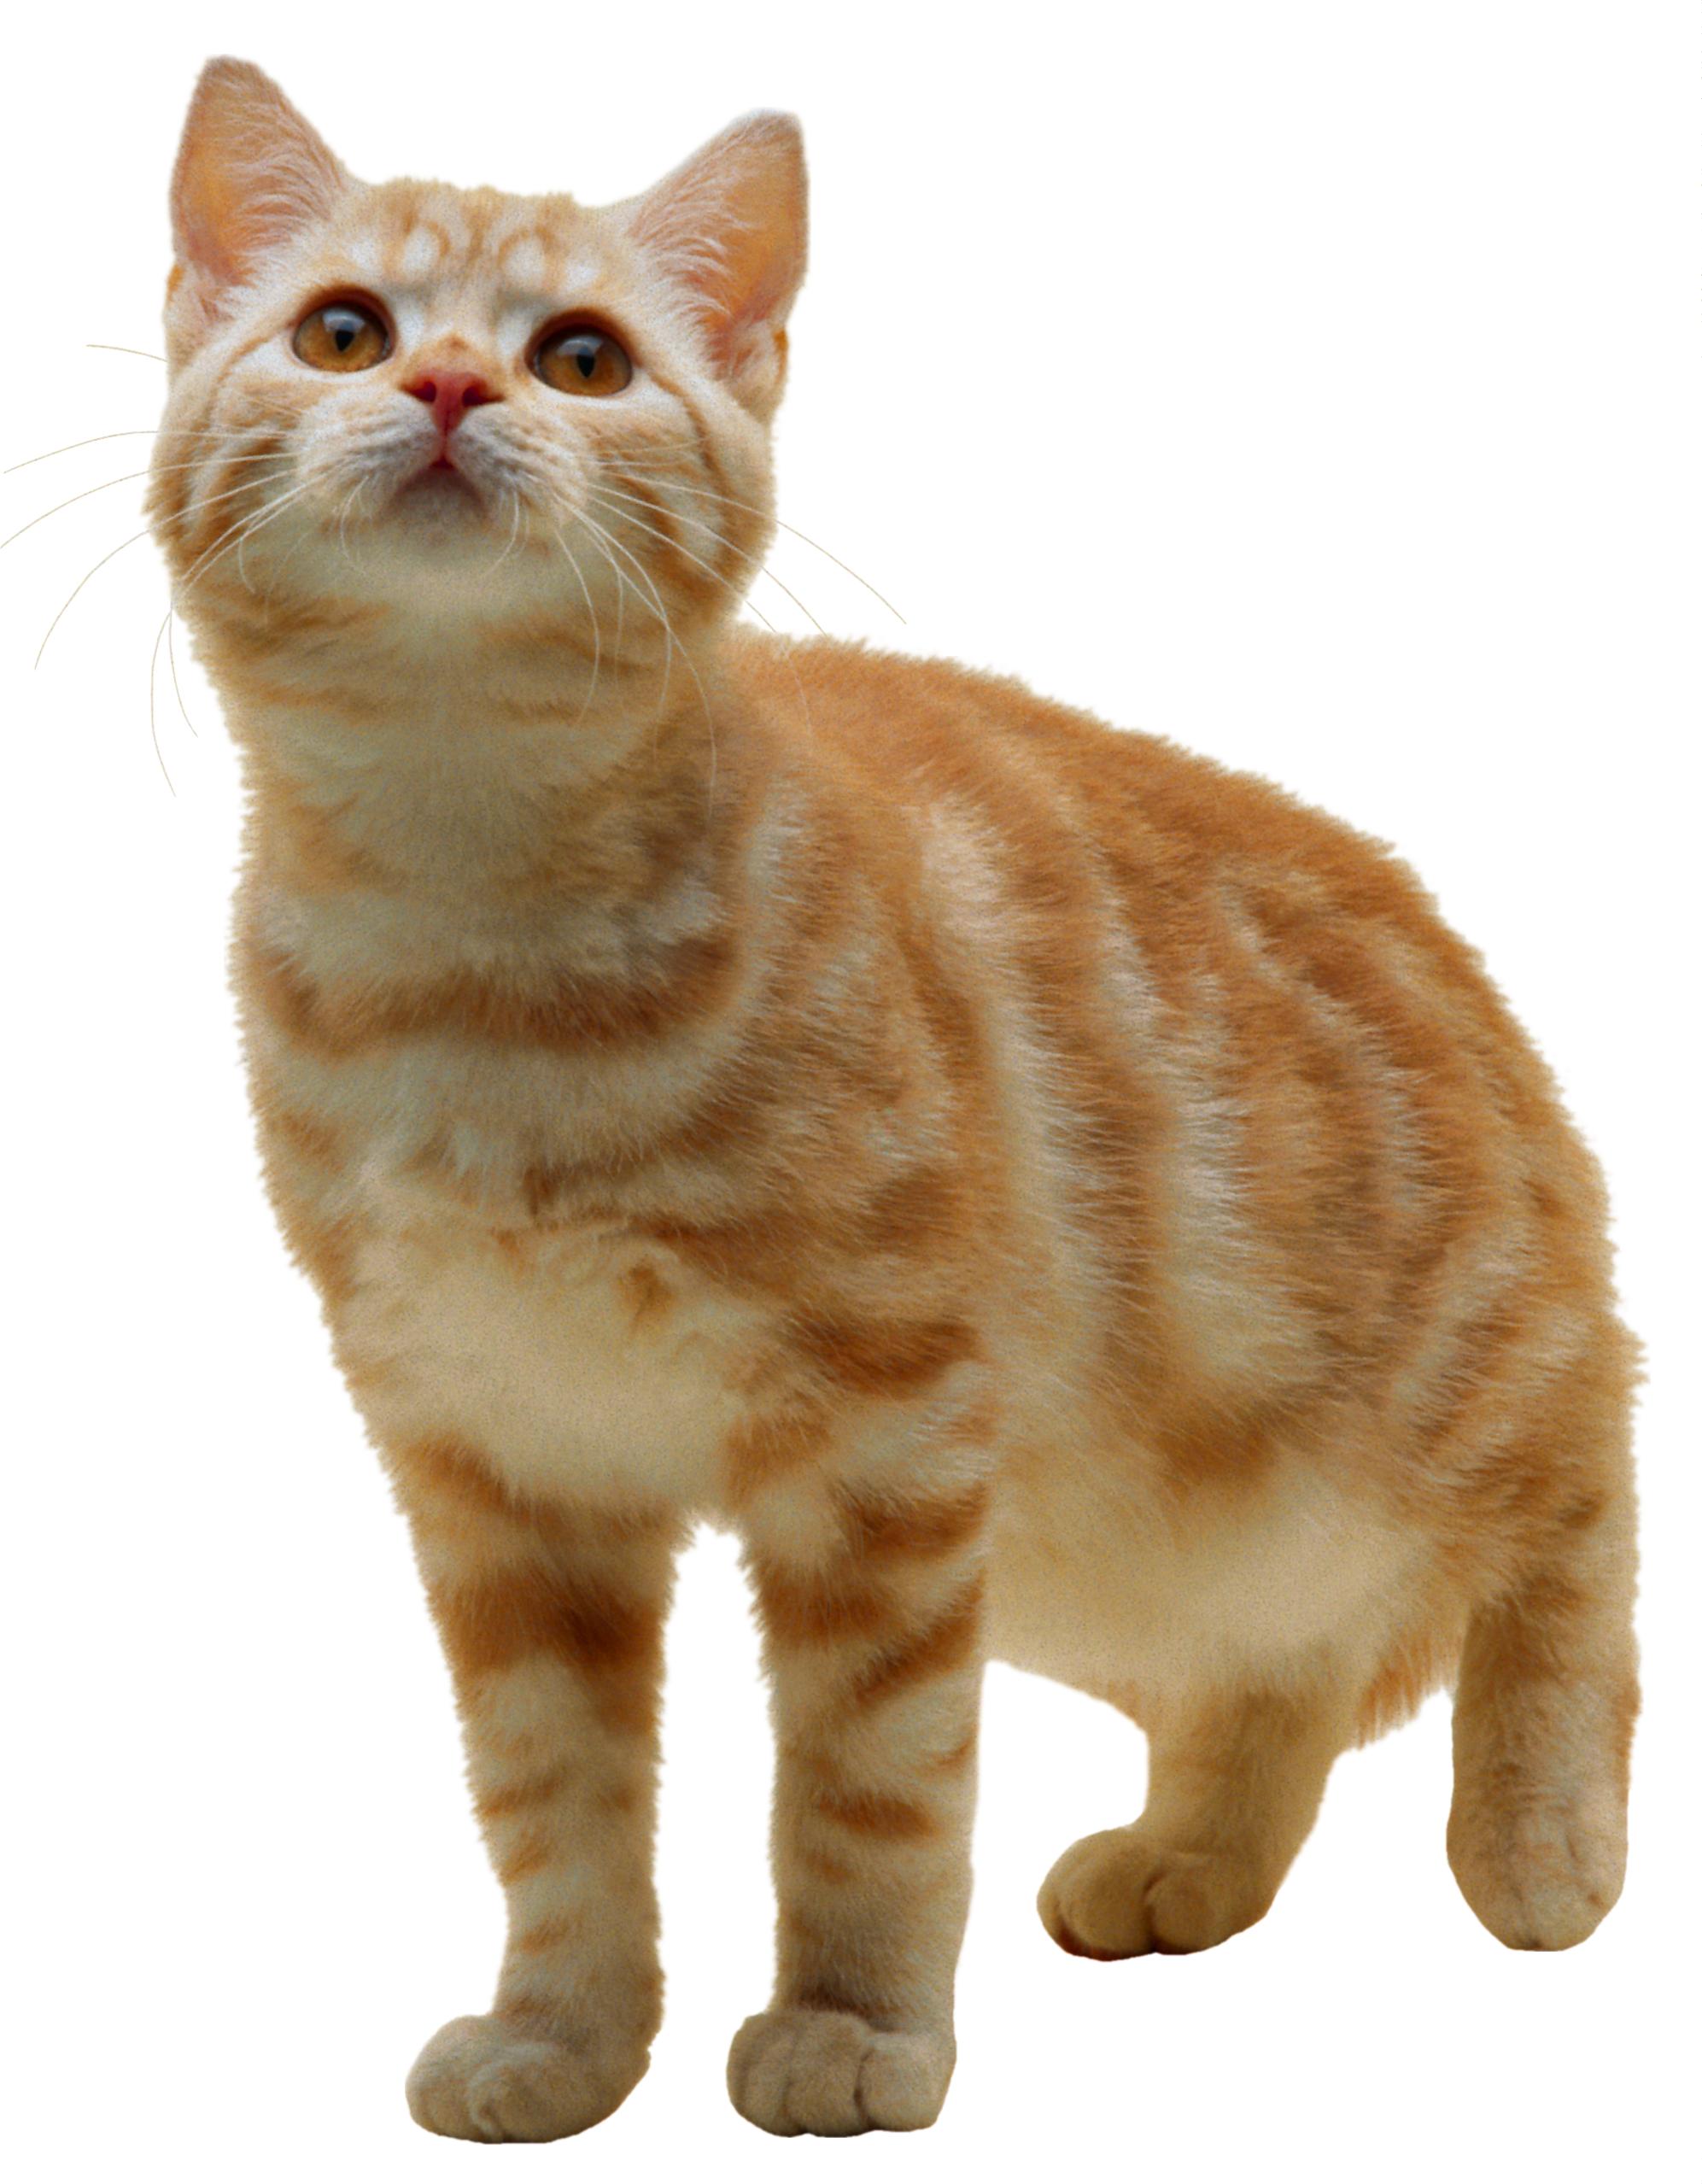 Cat PNG - 23022